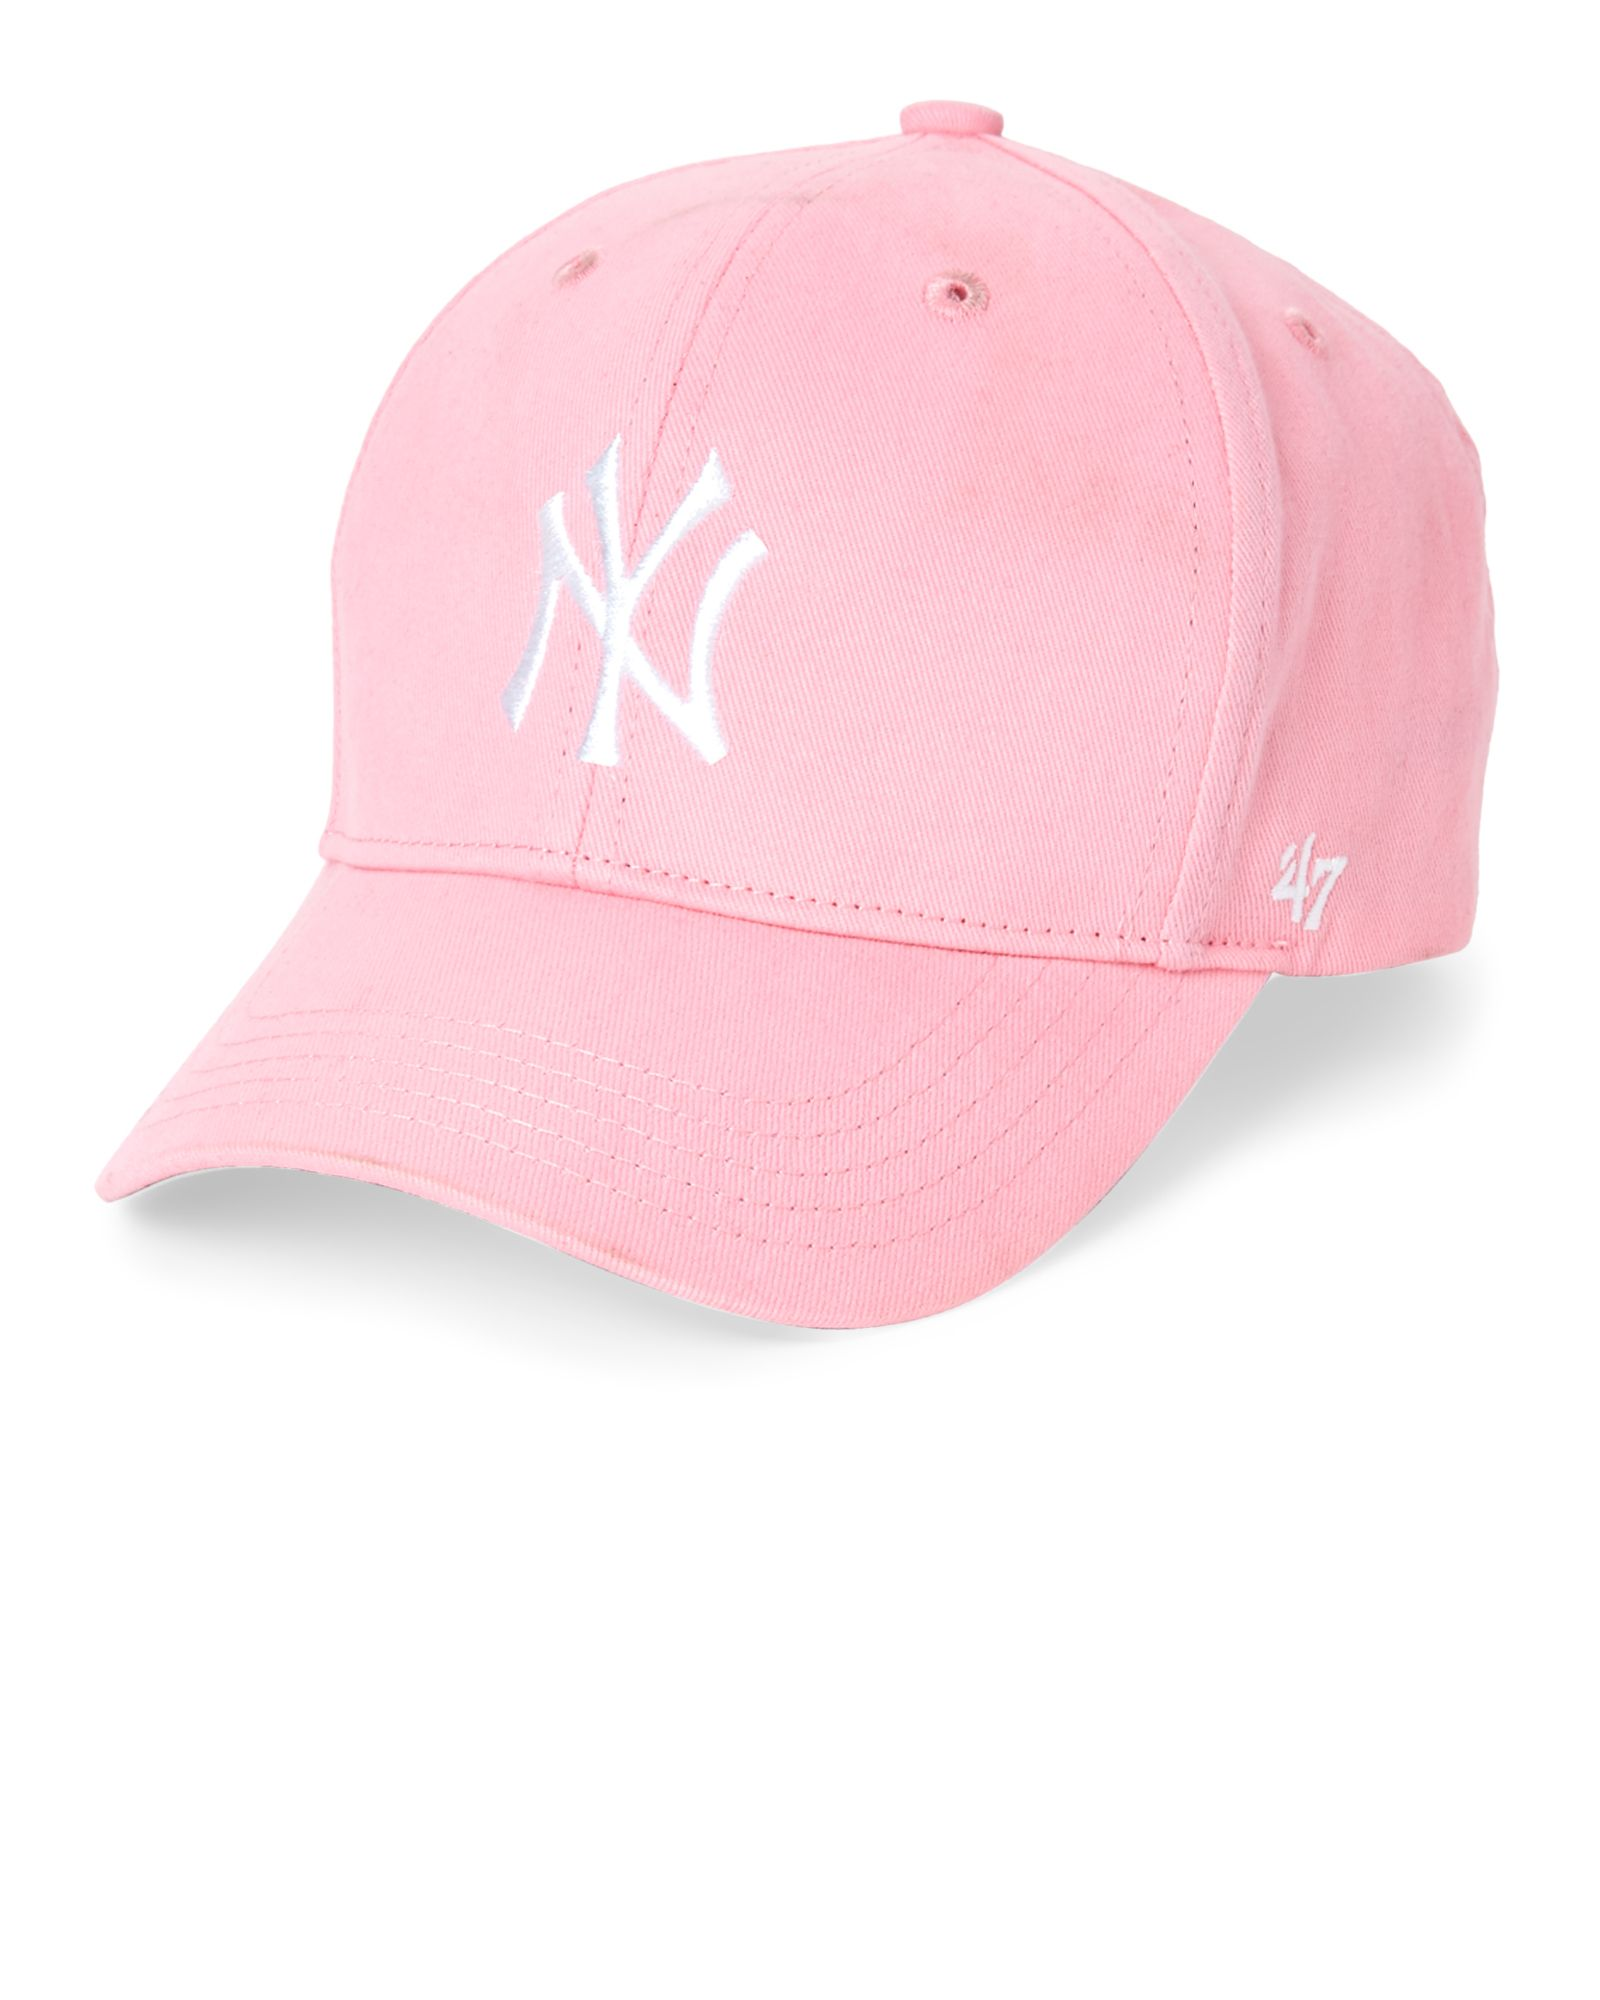 47 Brand (Toddler Girls) New York Yankees Cap.   2b70b5ea594